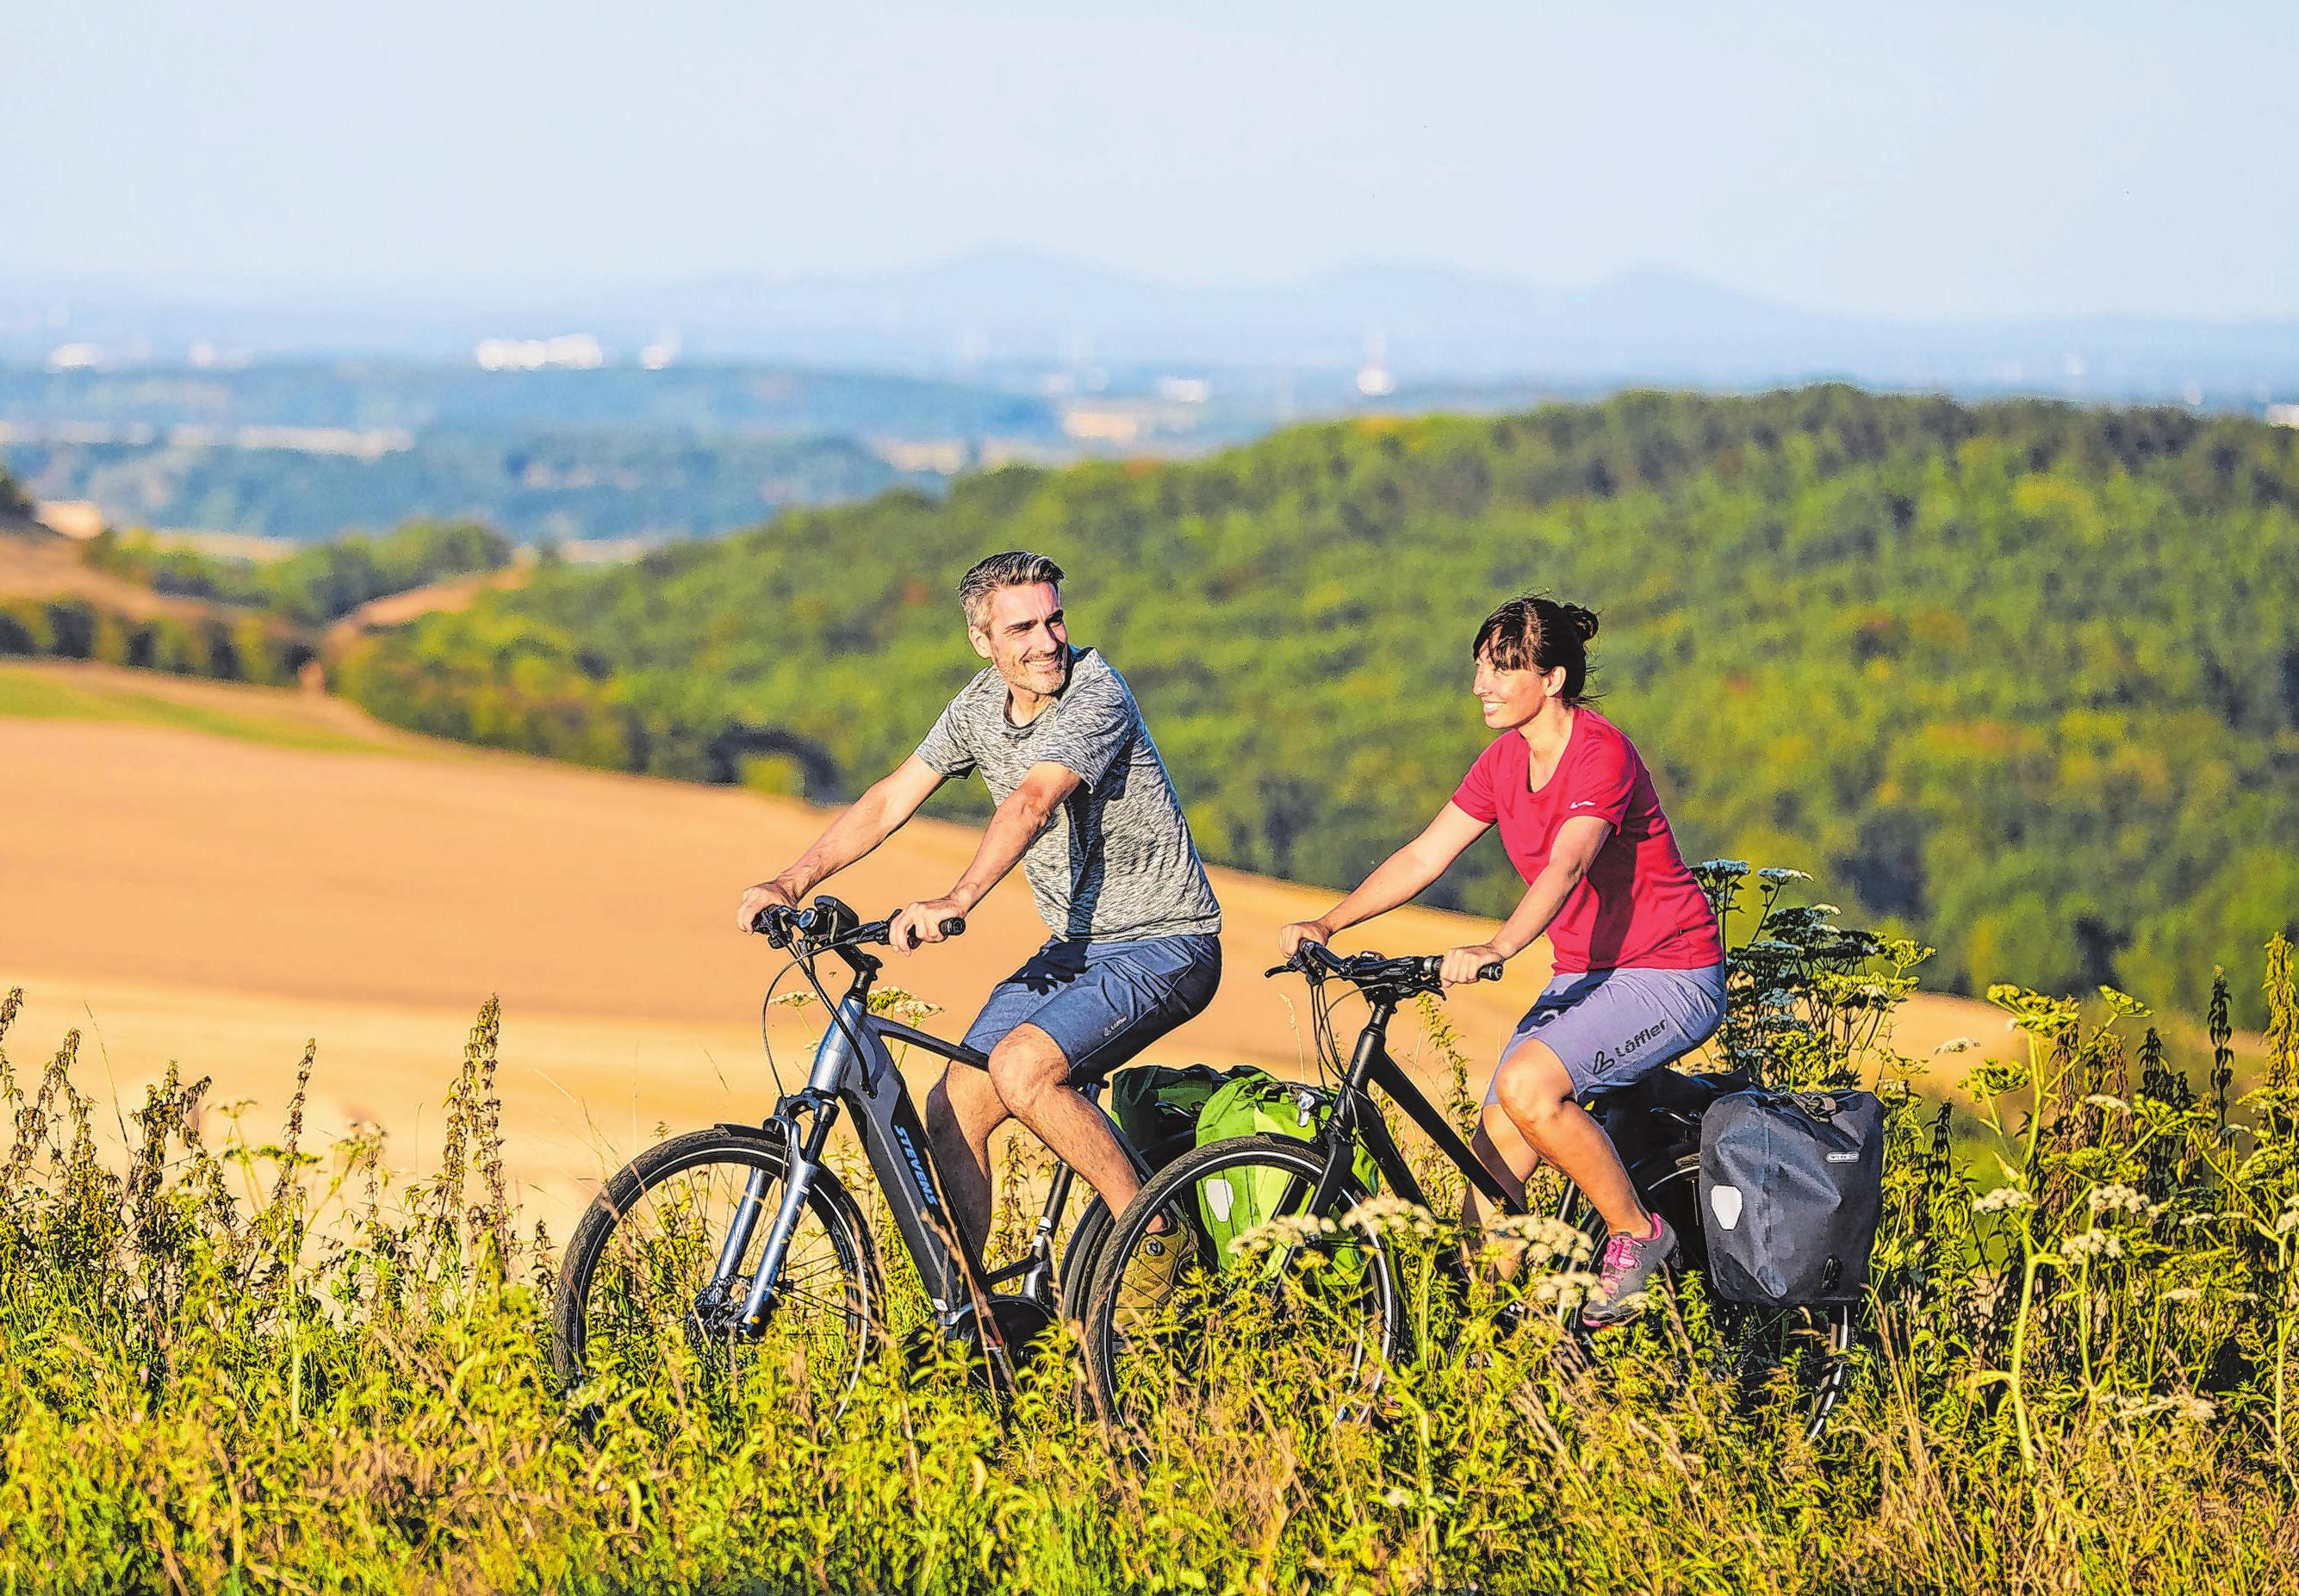 Urlaub mit dem Rad erfreut sich seit Jahren großer Beliebtheit. Laut Adfc waren im letzten Jahr 27 Prozent mehr Fahrradurlauber unterwegs als 2017. In Brandenburg ist das Seenland Oder-Spree bei urlaubenden Radlern besonders gefragt. Foto: adfc